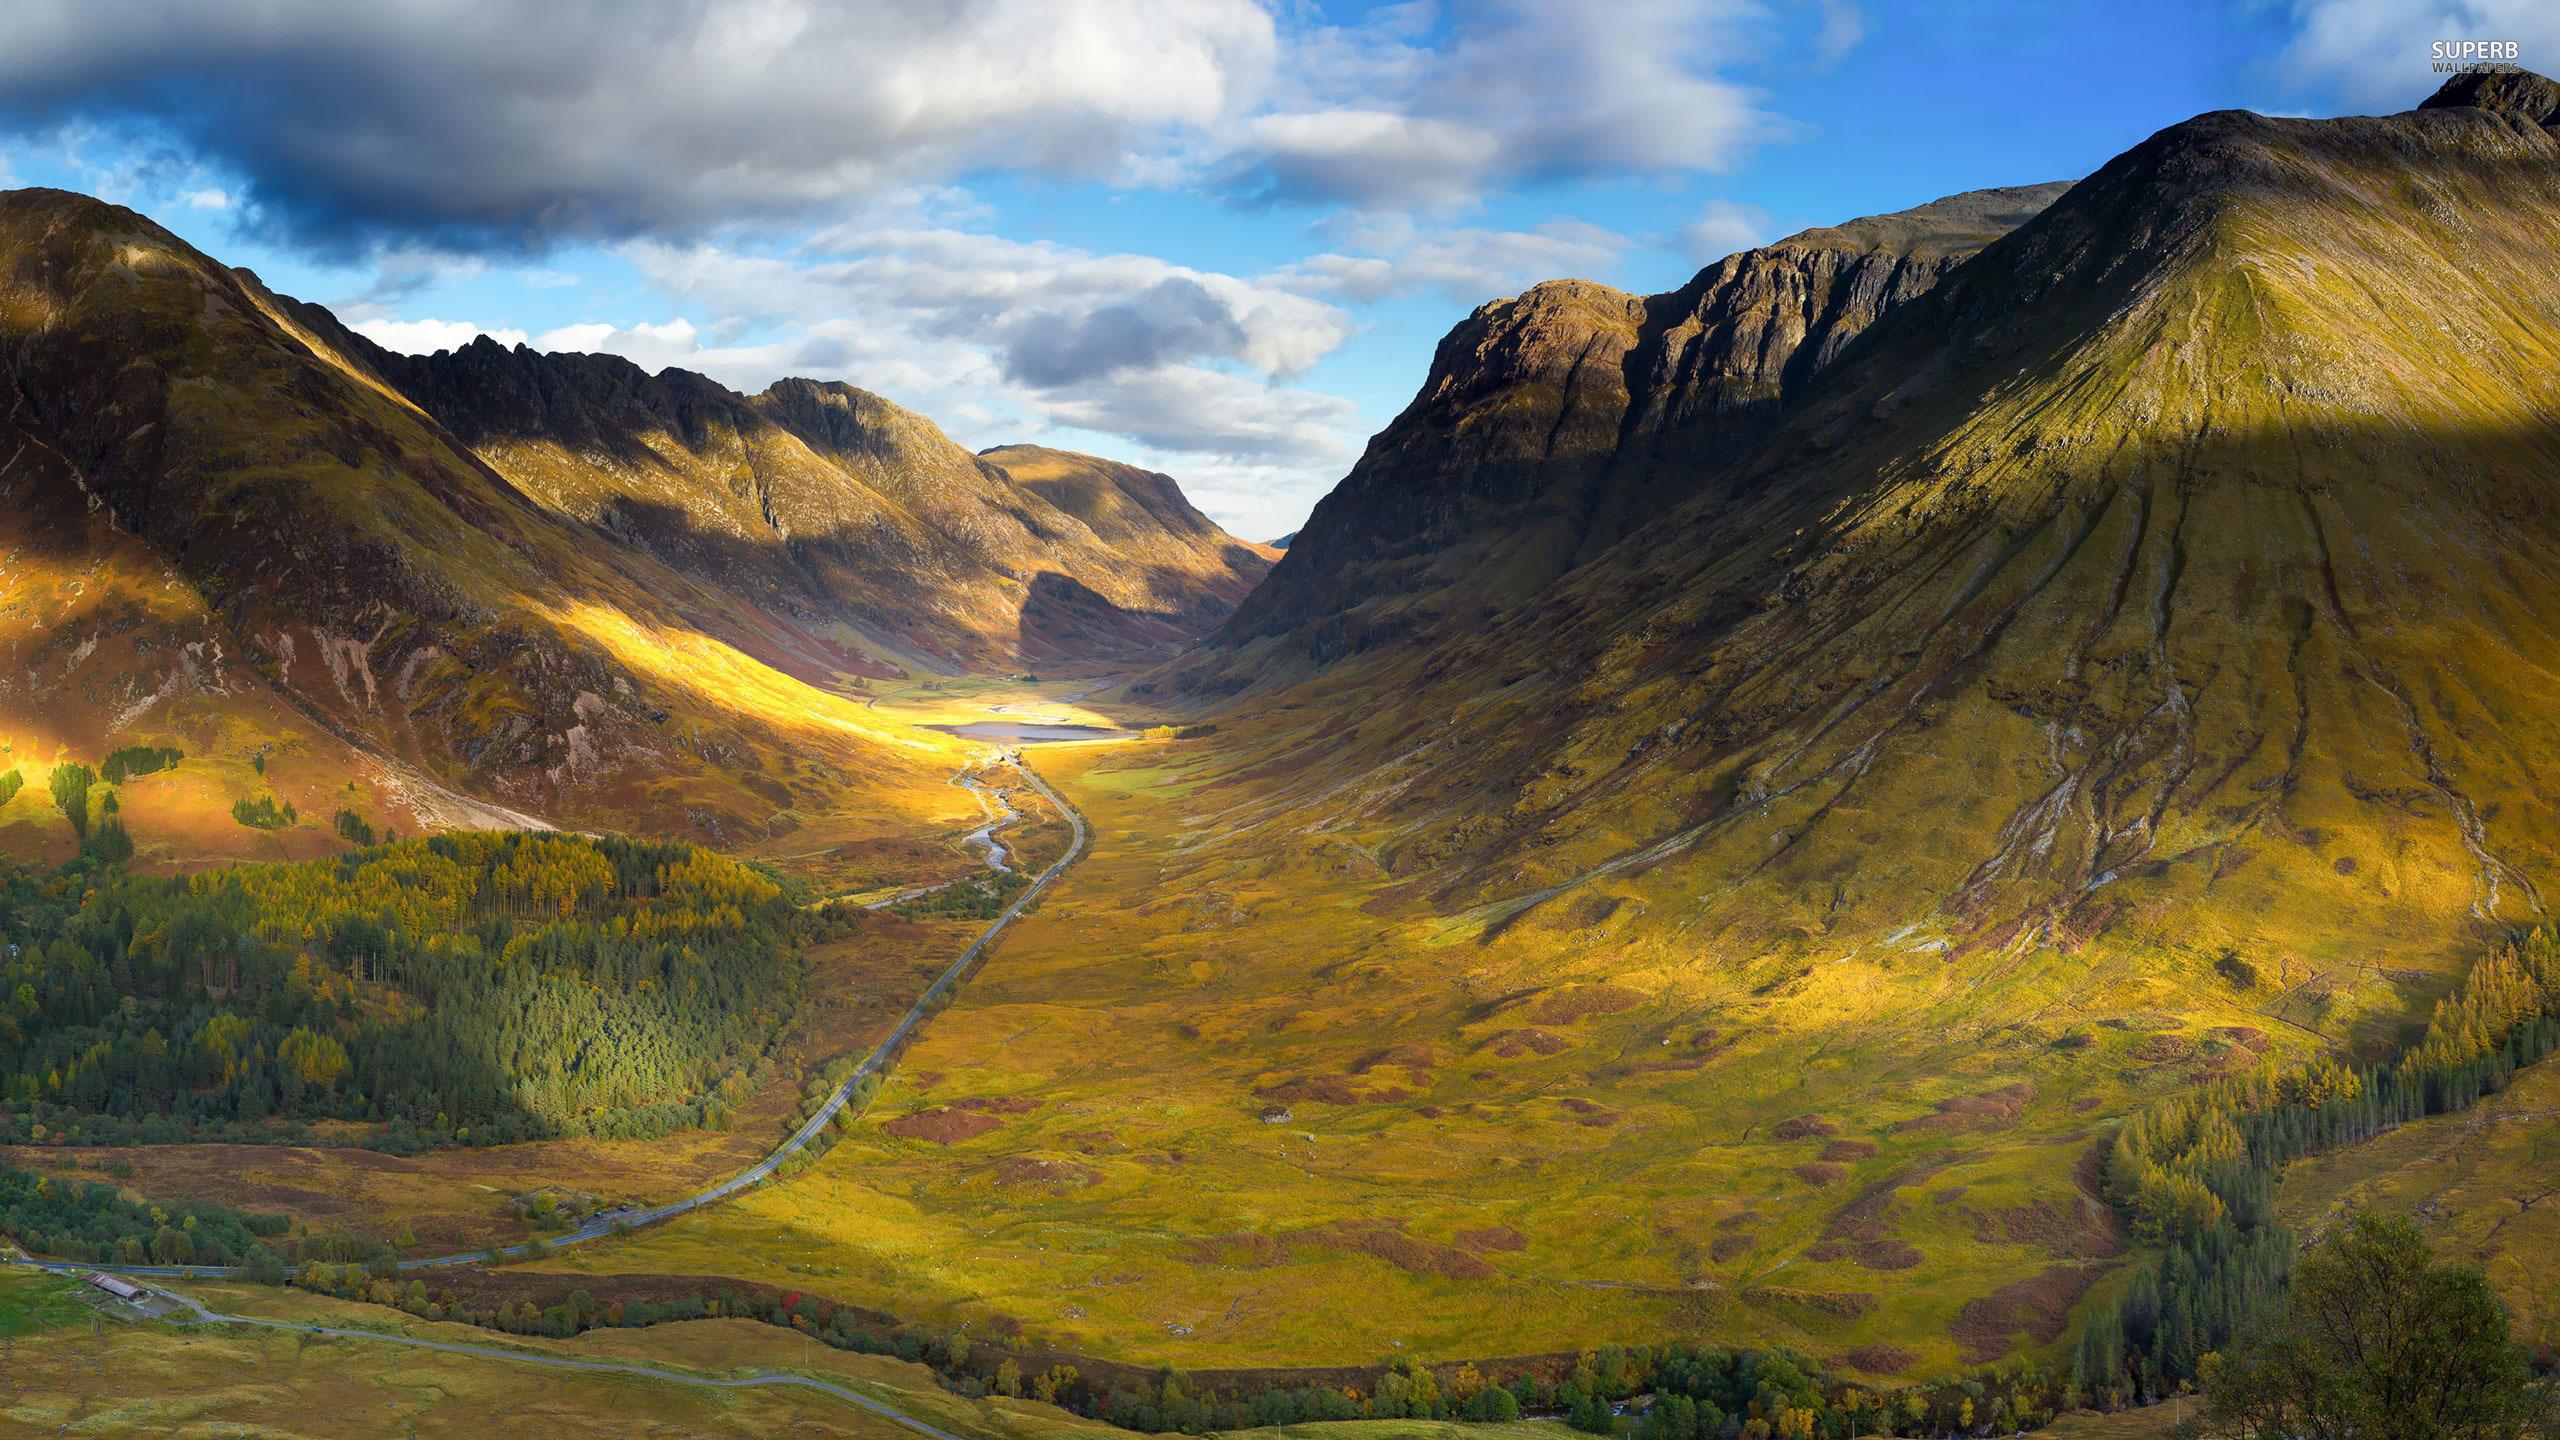 mountain valley photos 29919